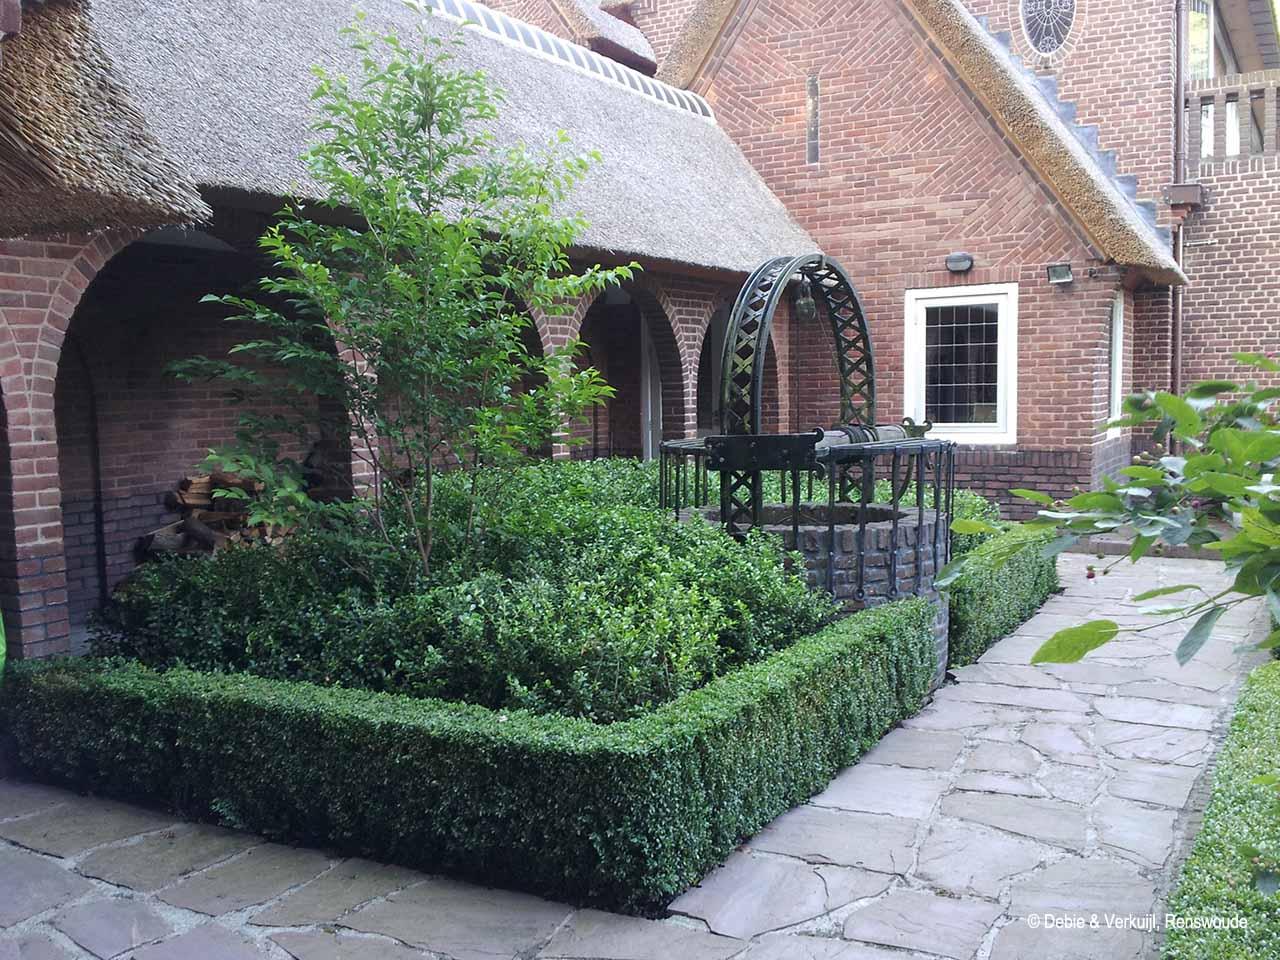 Erfgoedhoveniers - Villatuin - Huize de Bijenschans - Debie en Verkuijl (6)